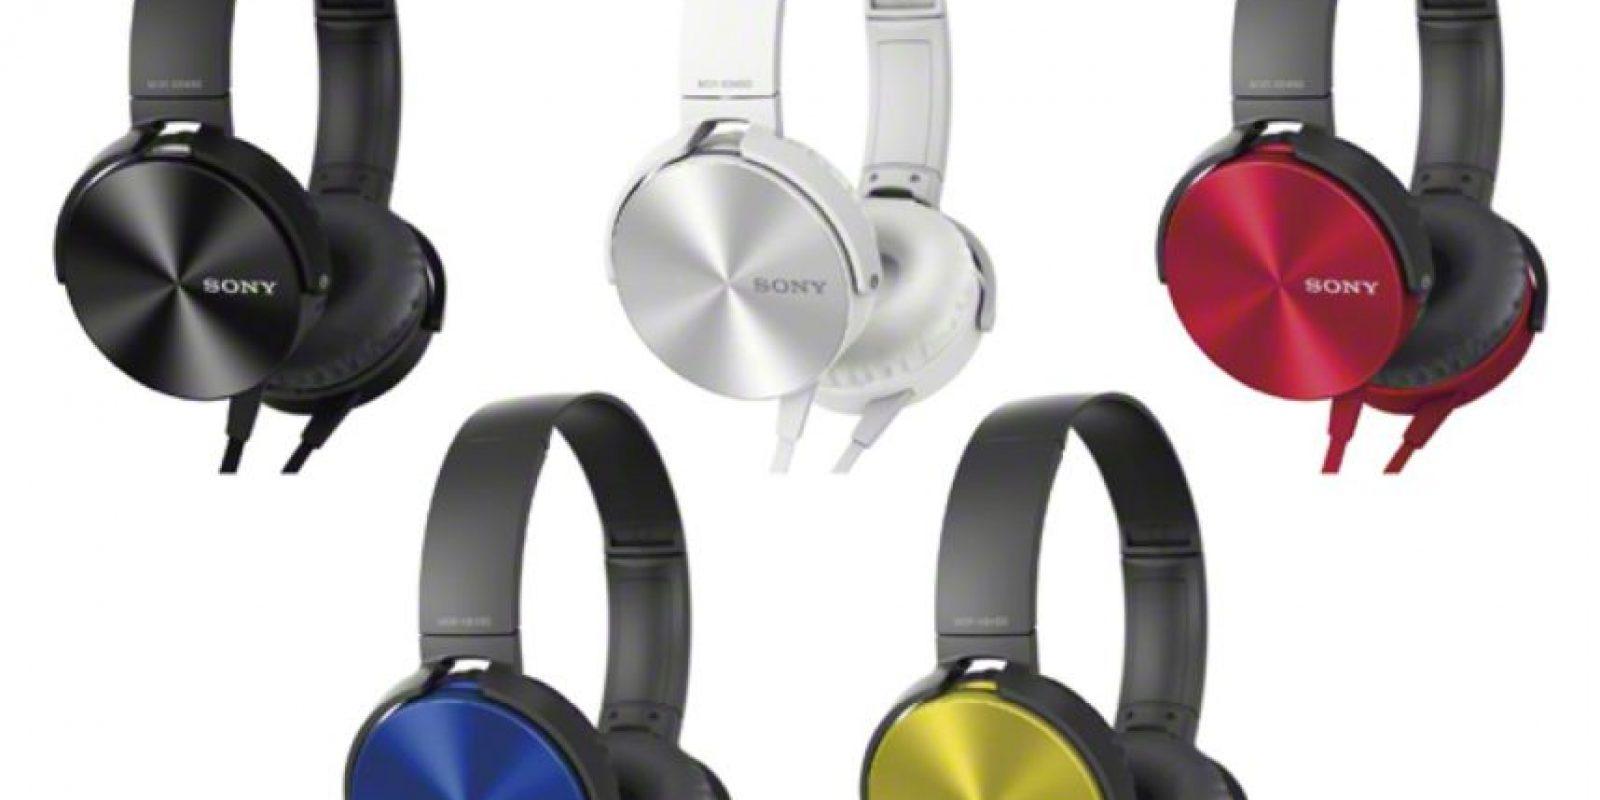 Con estos audífonos podrán escuchar sus canciones preferidas, cuentan con tencnología de control de respuesta al ritmo, proporciona graves profundos, sonido de gran calidad y permite una reproducción más precisa. Foto:Sony